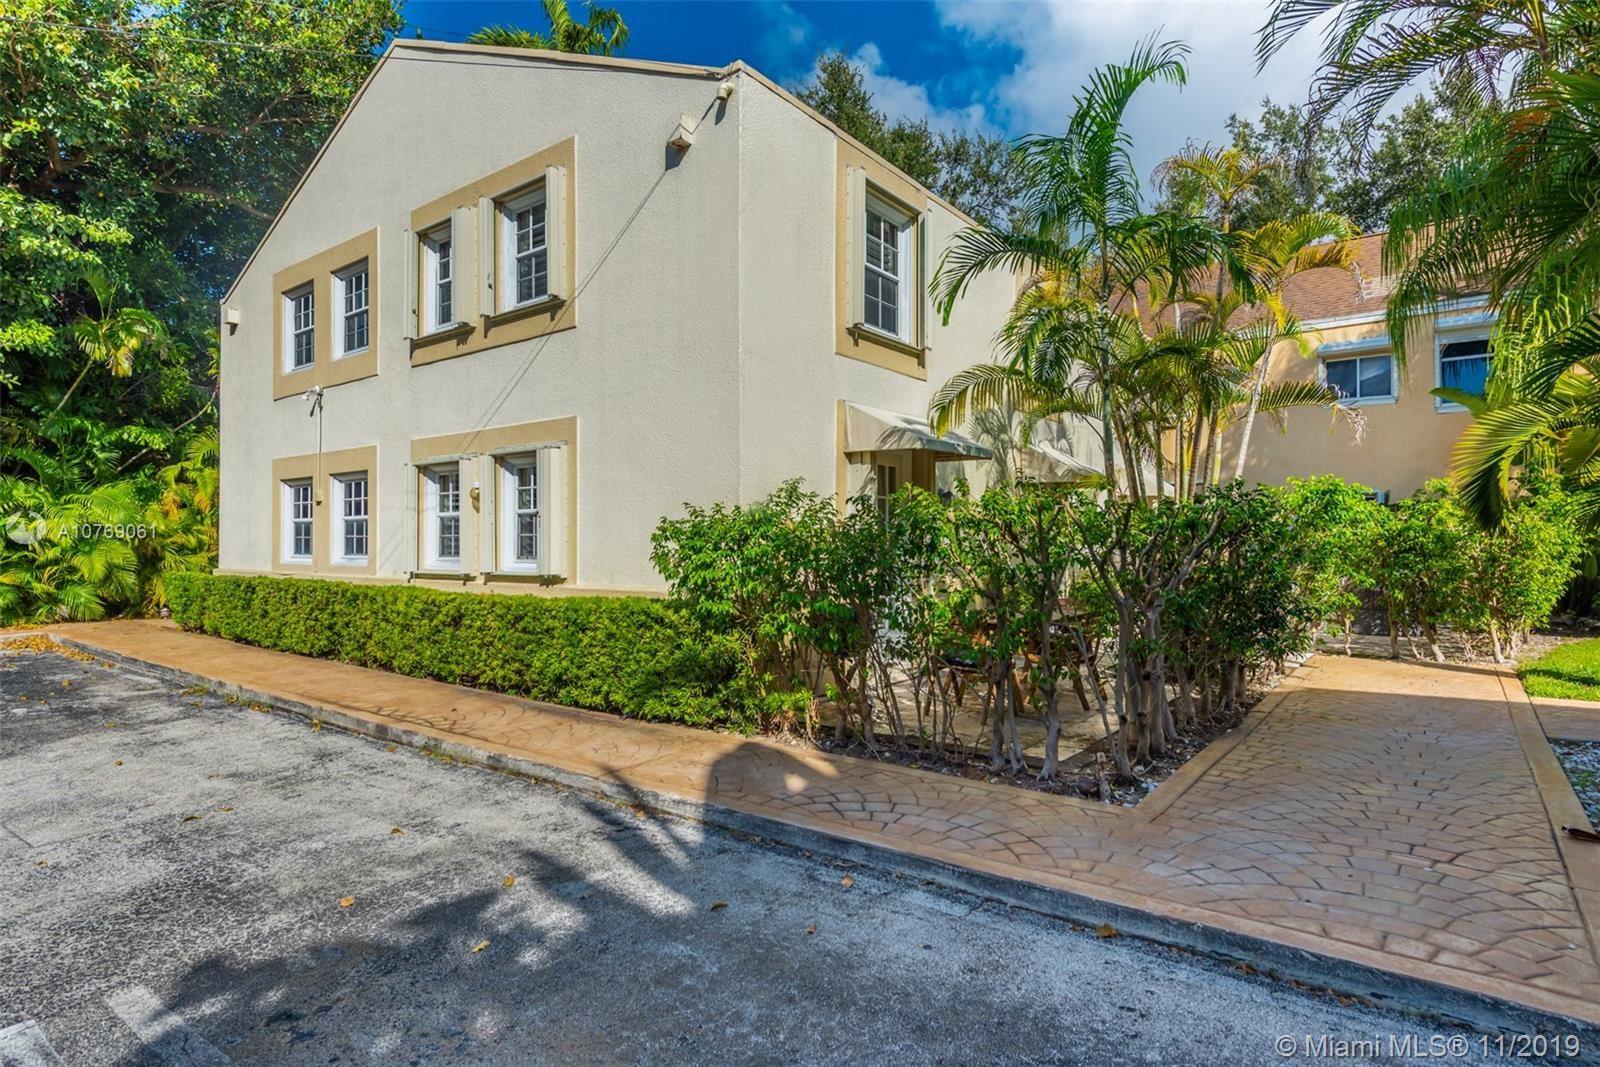 2845 Shipping Ave #2845, Miami, FL 33133 - #: A10769061